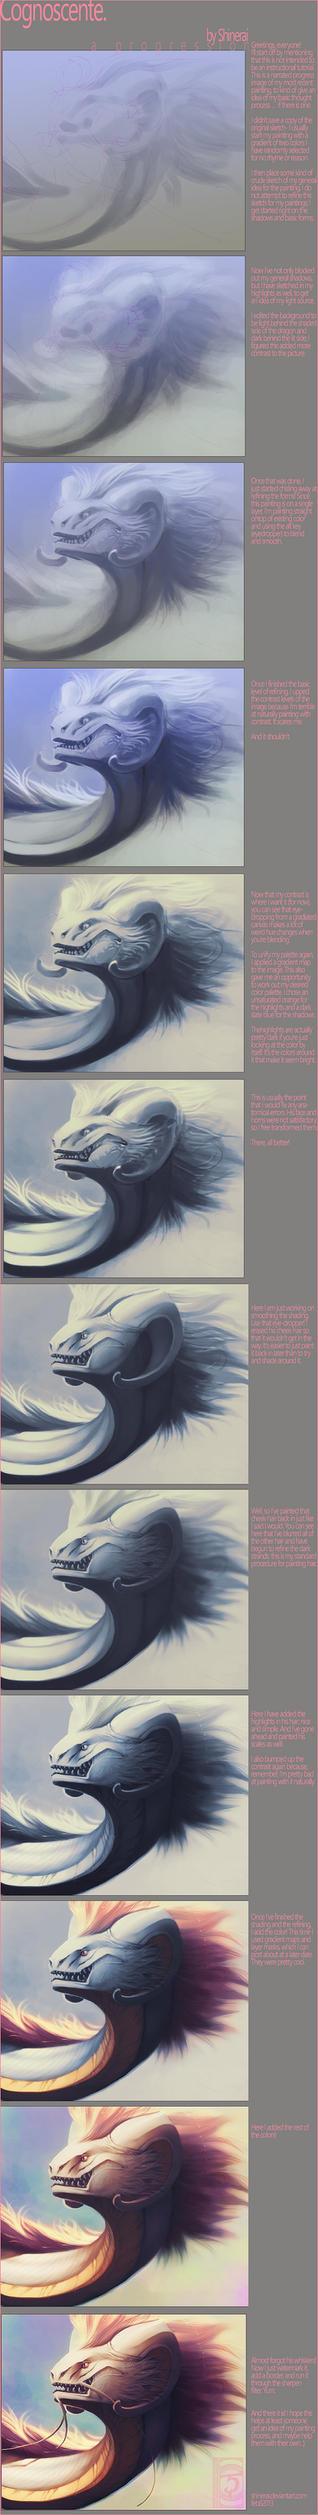 Progress: Cognoscente. by Shinerai